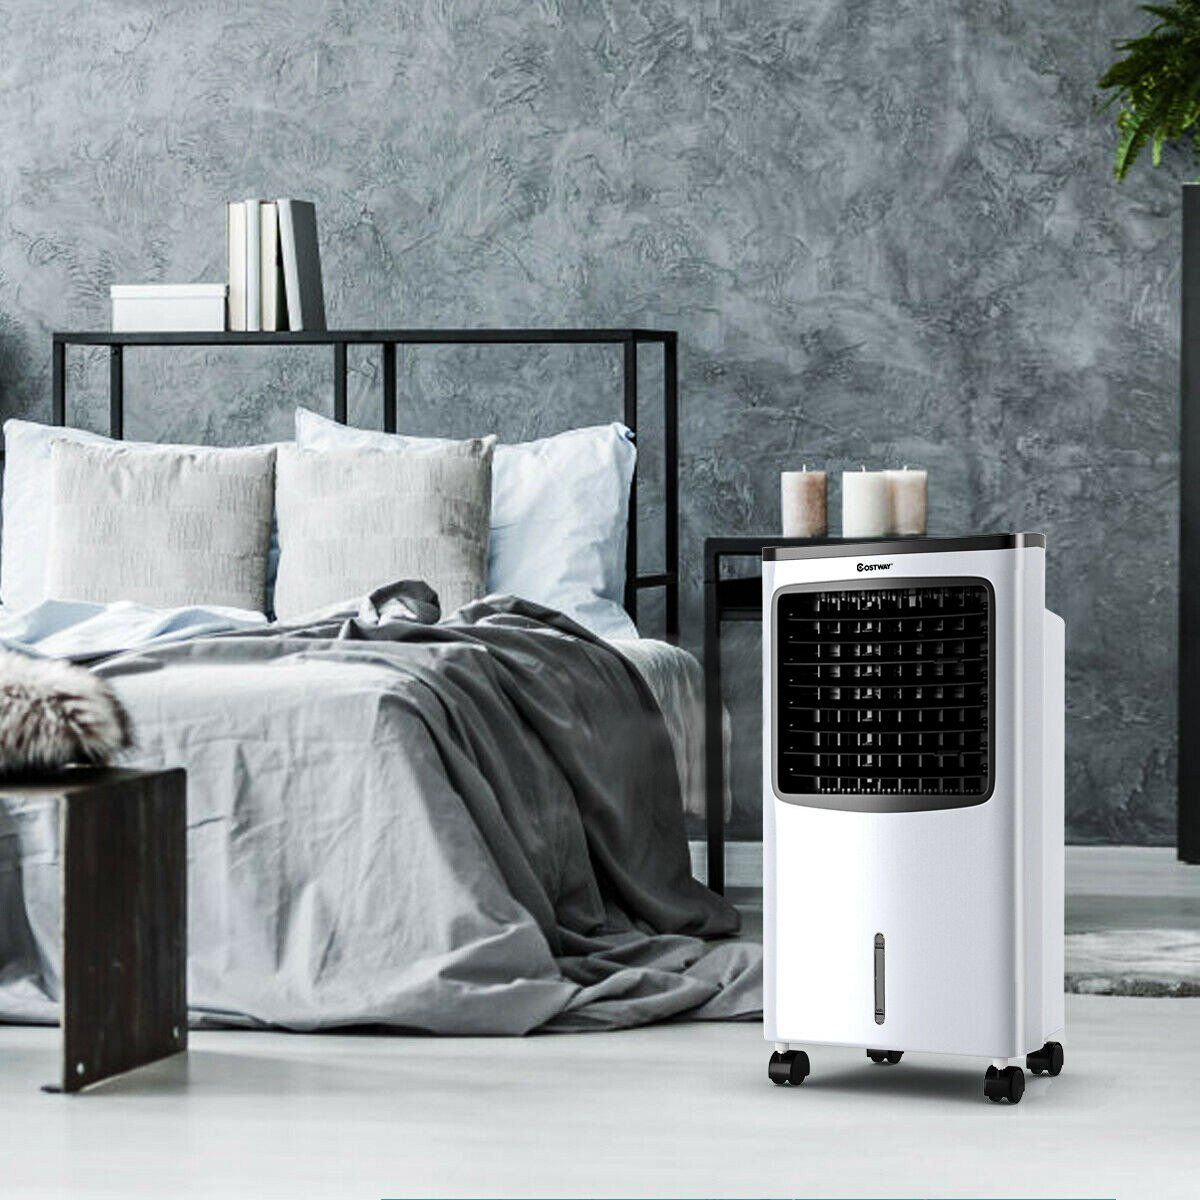 Premium Air Conditioner Portable Indoor AC Unit For Small